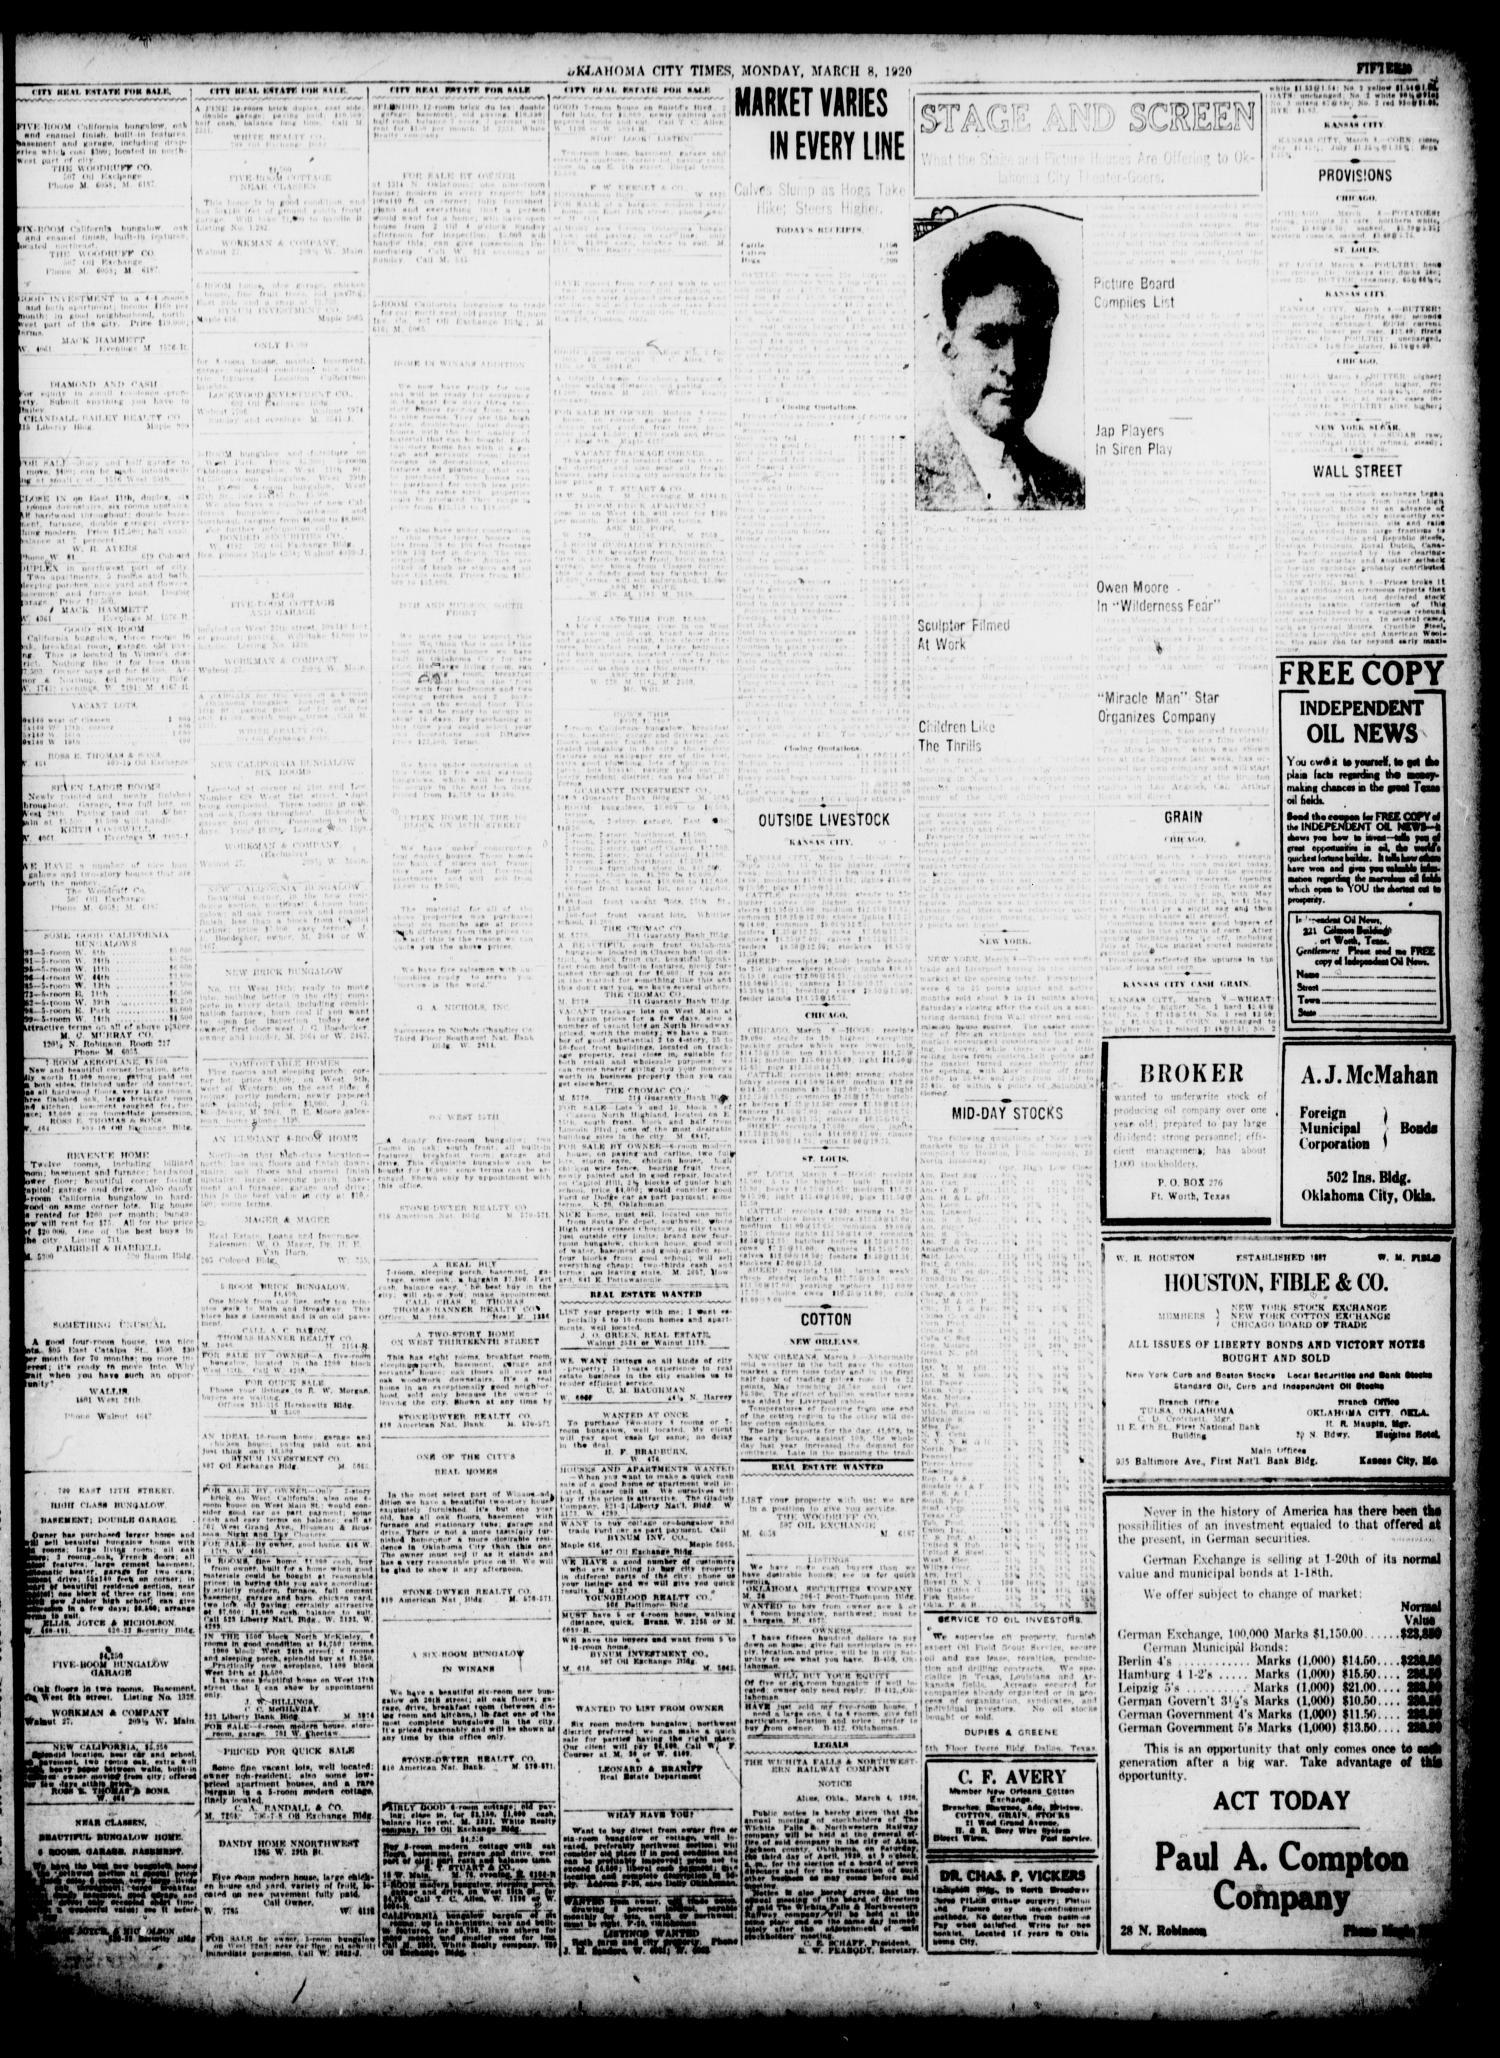 Oklahoma City Times (Oklahoma City, Okla ), Vol  31, No  281